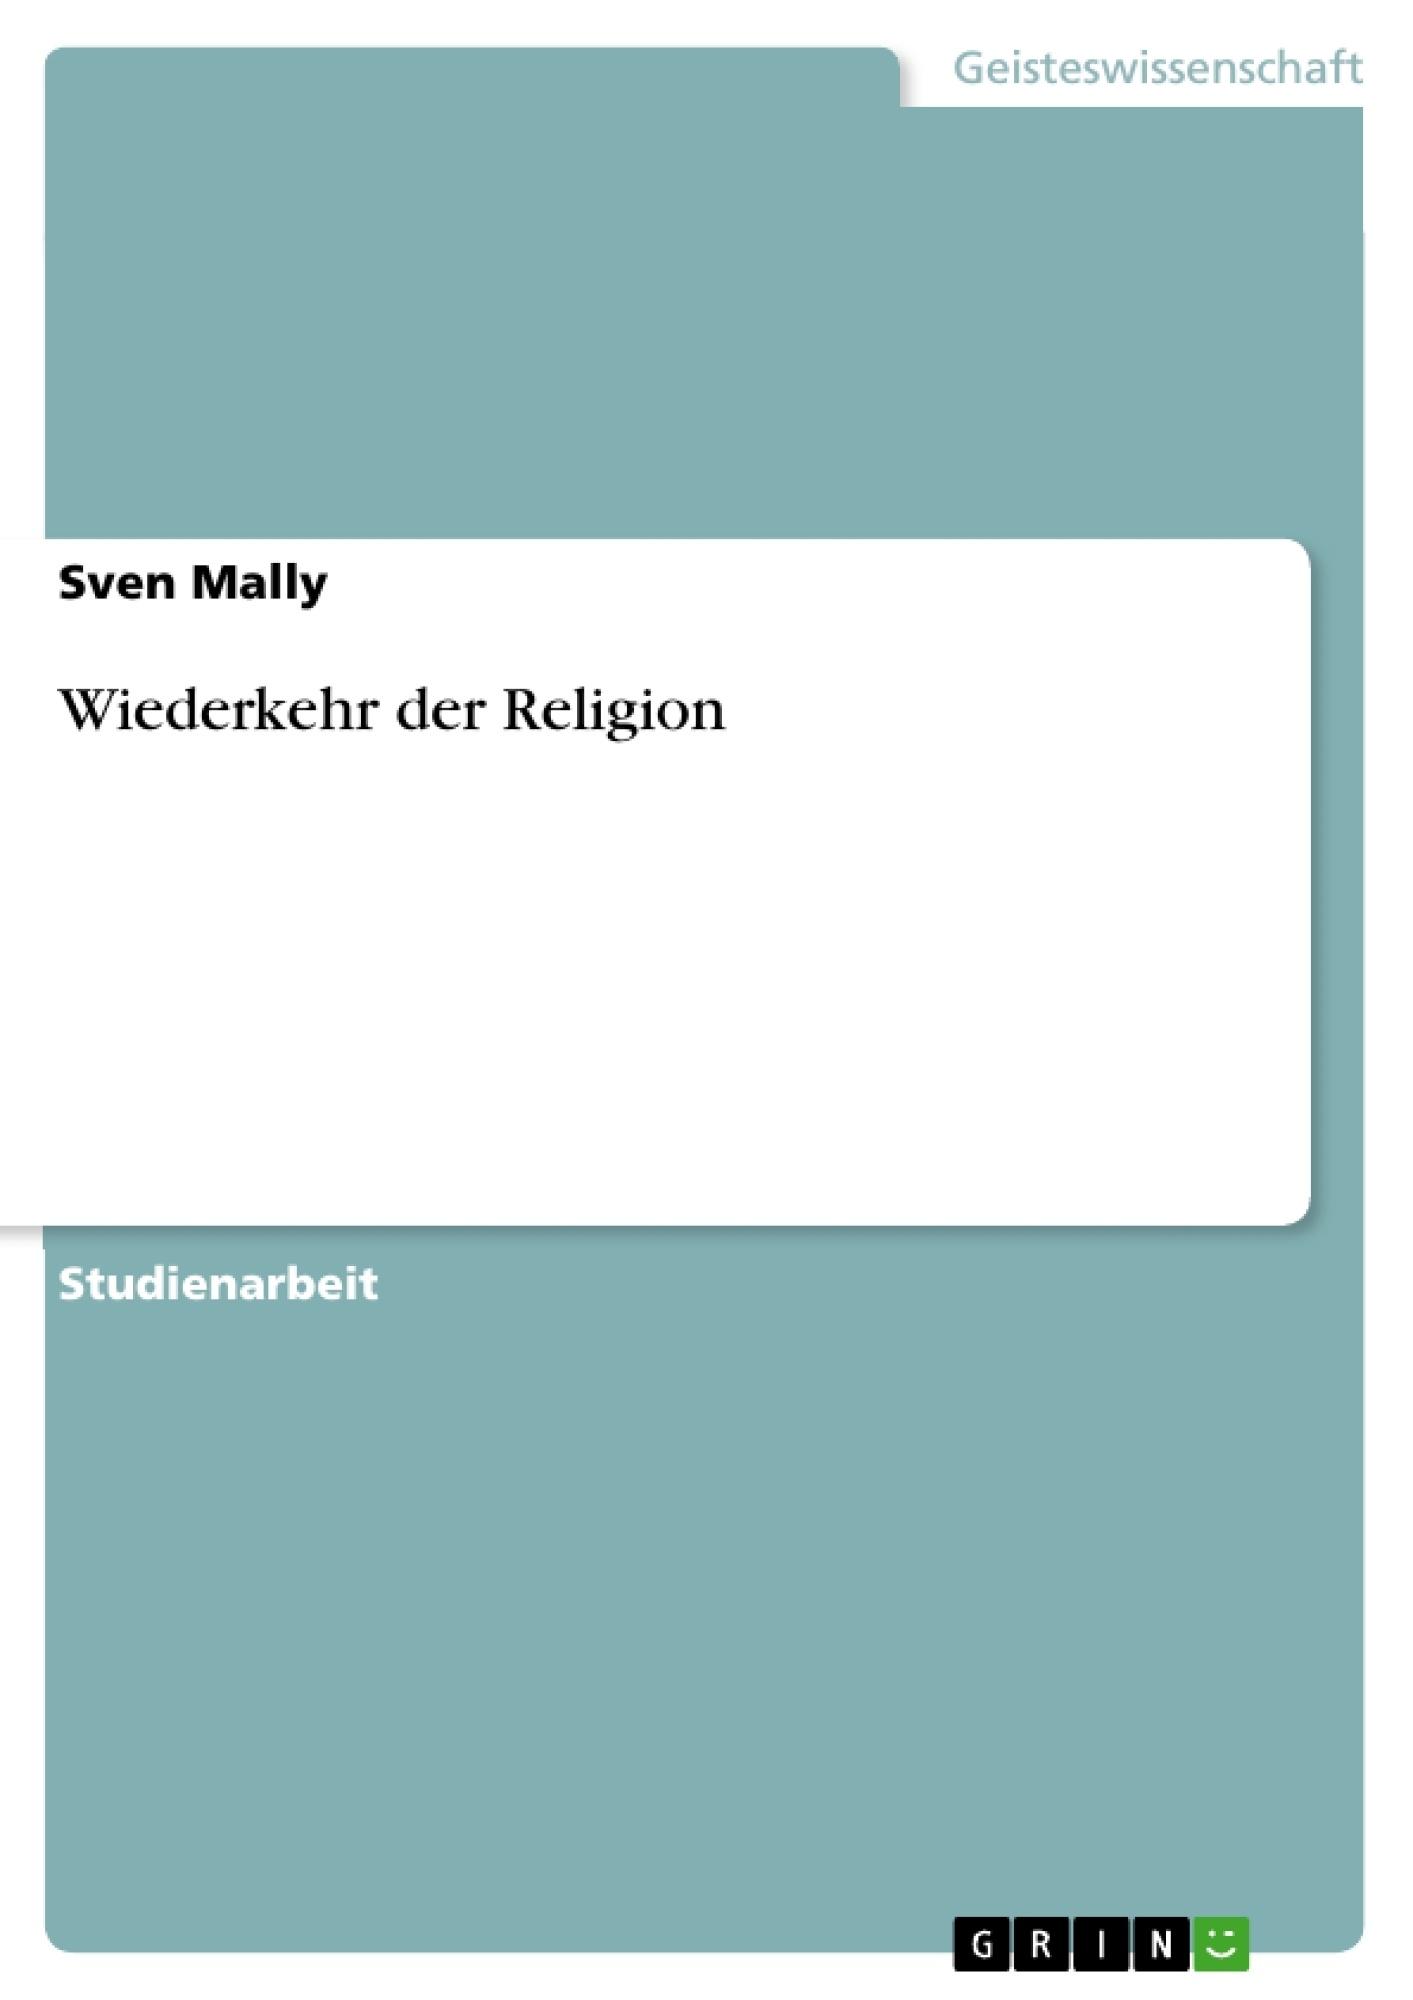 Titel: Wiederkehr der Religion